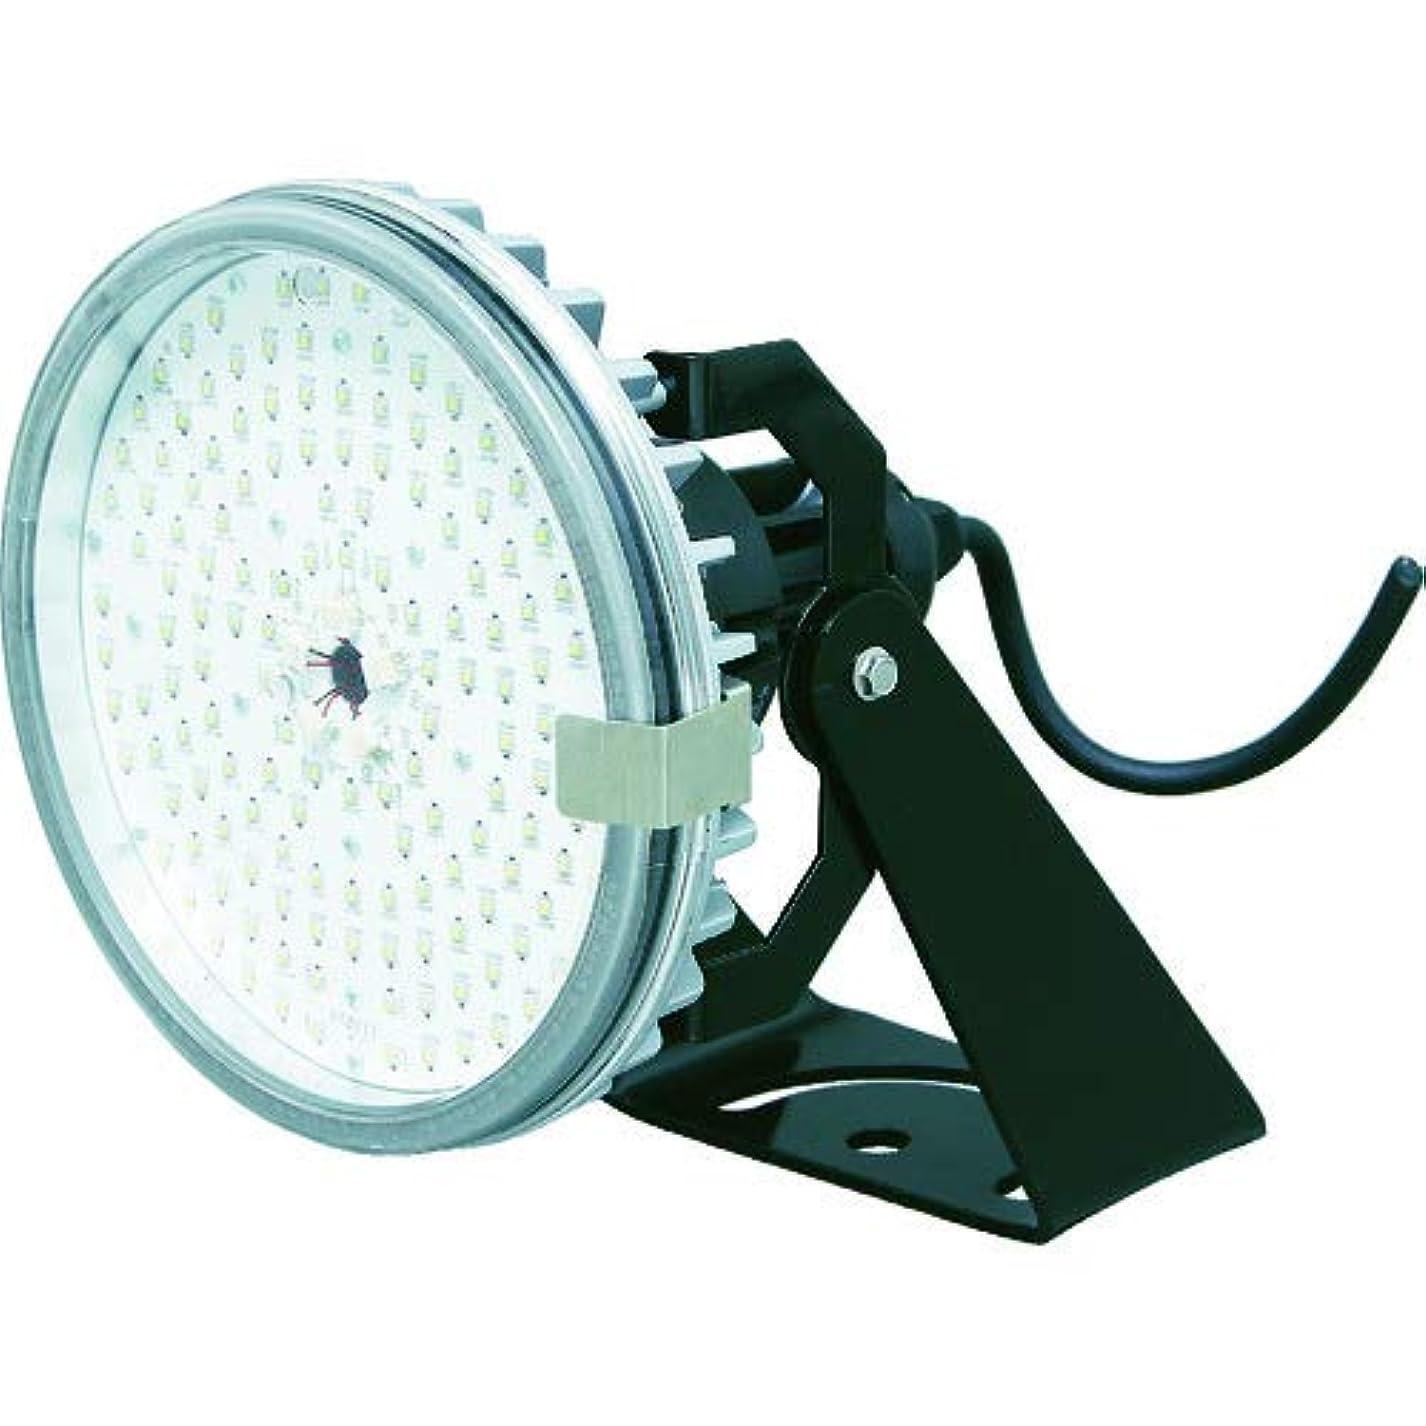 予定認知悪魔アイリスオーヤマ RZシリーズ 投光器タイプ水銀灯250W相当 ビーム角110° 62-8934-02